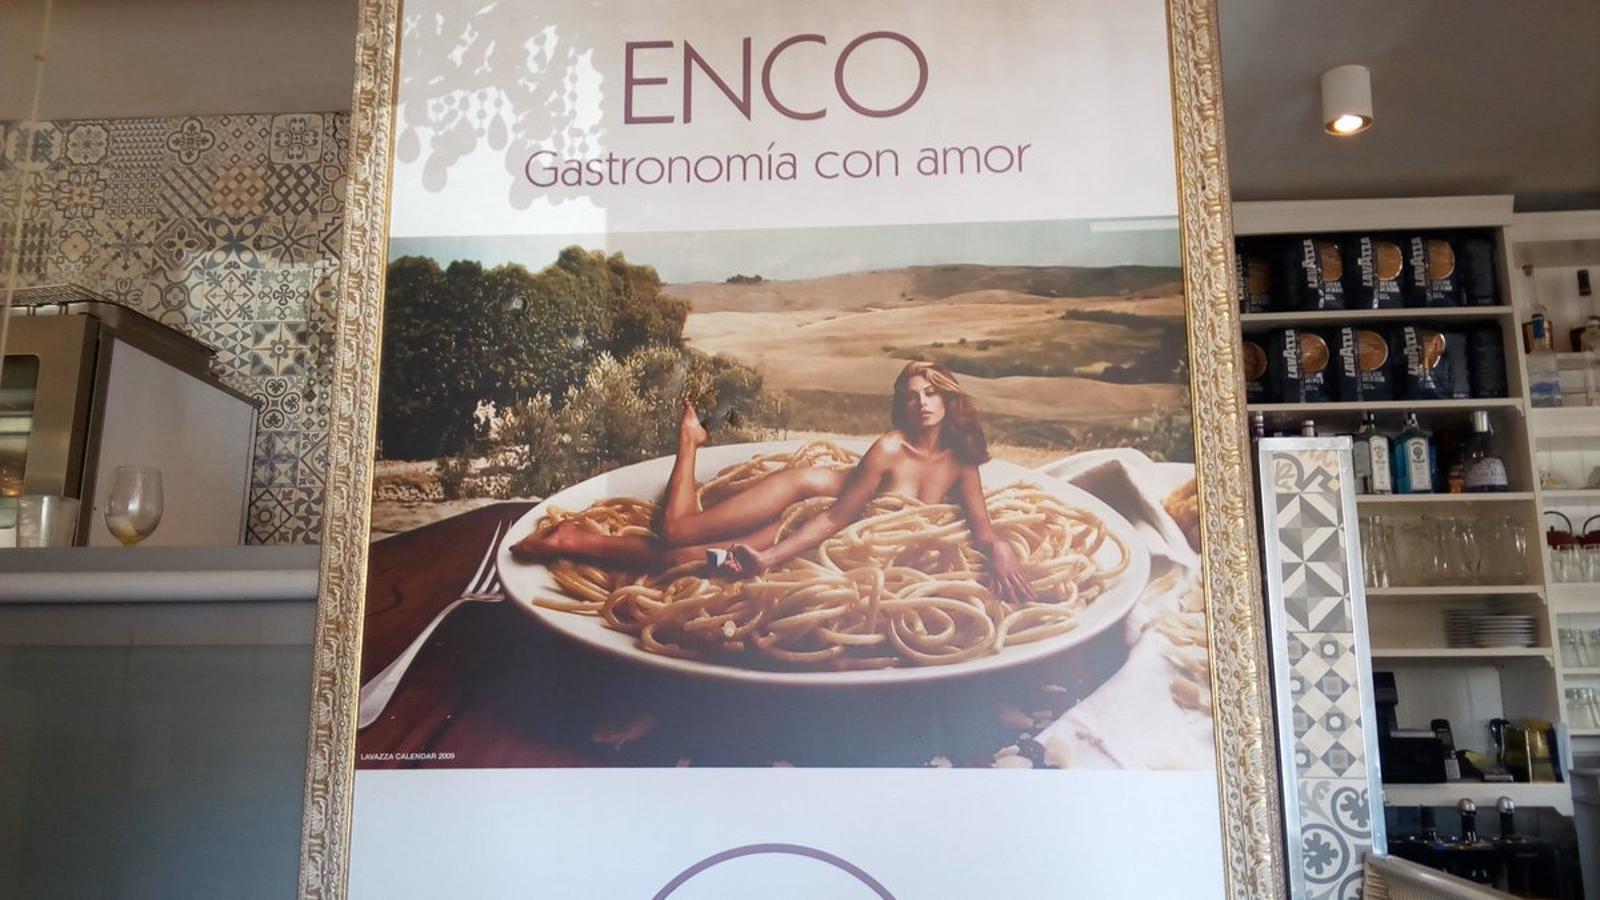 El cartell del restaurant.